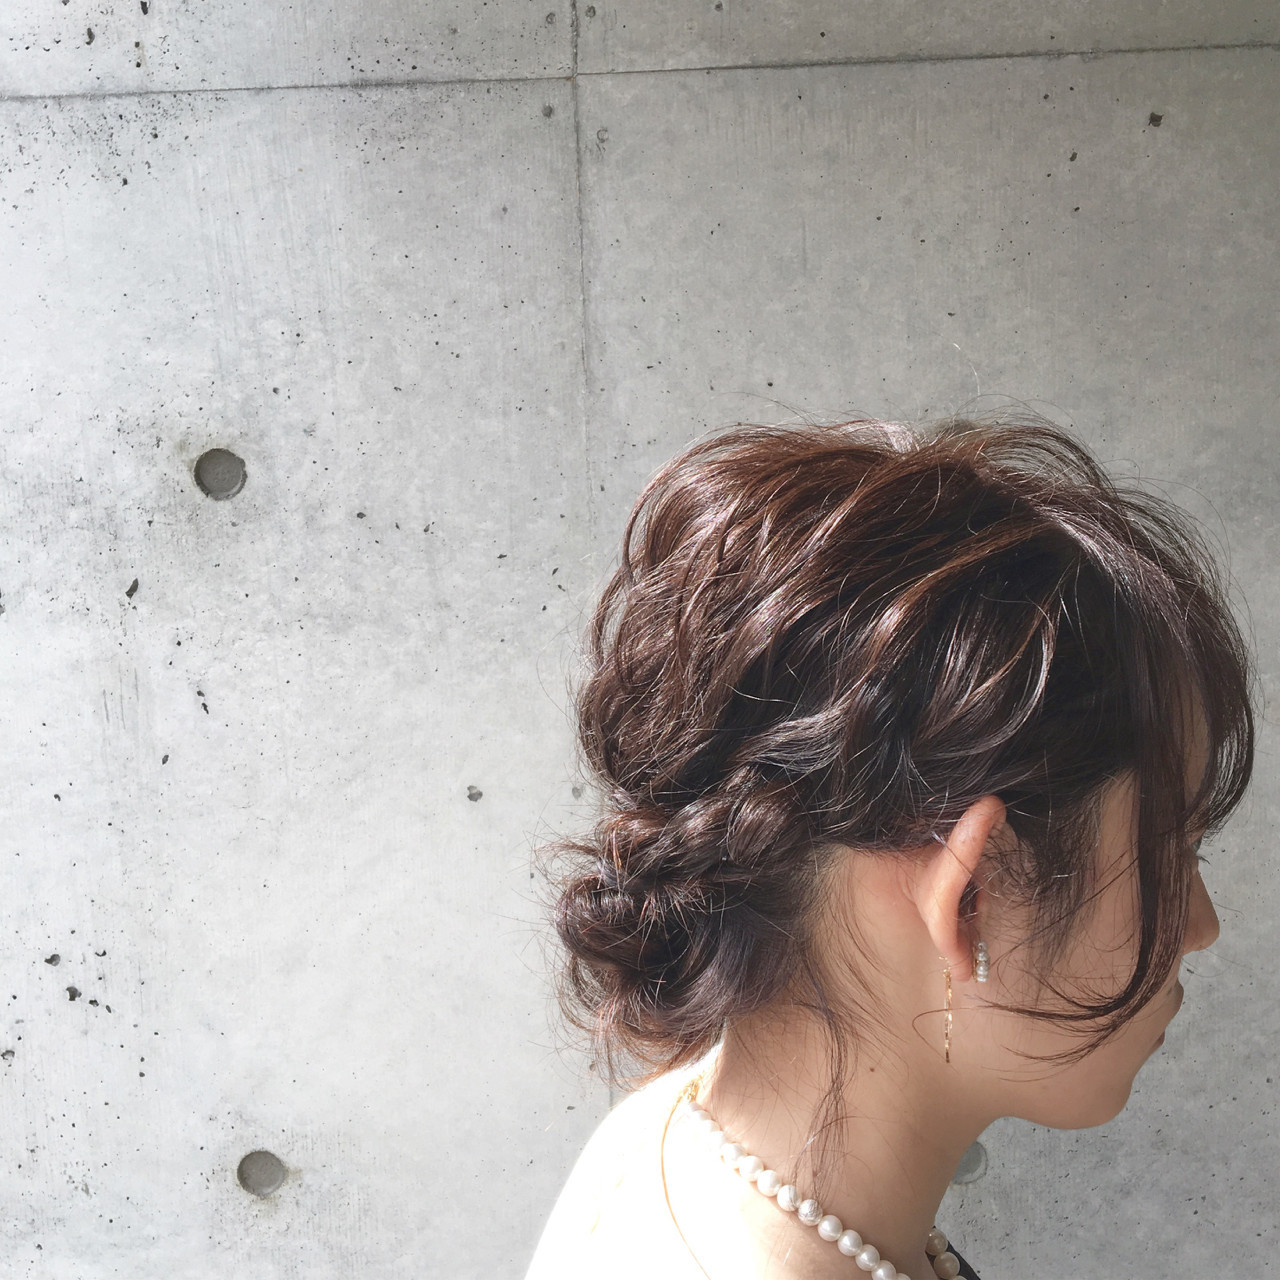 【美容師直伝】ロブがかわいく見える♡おすすめヘアアレンジ集 徳山礼史 | hair atelier nico...